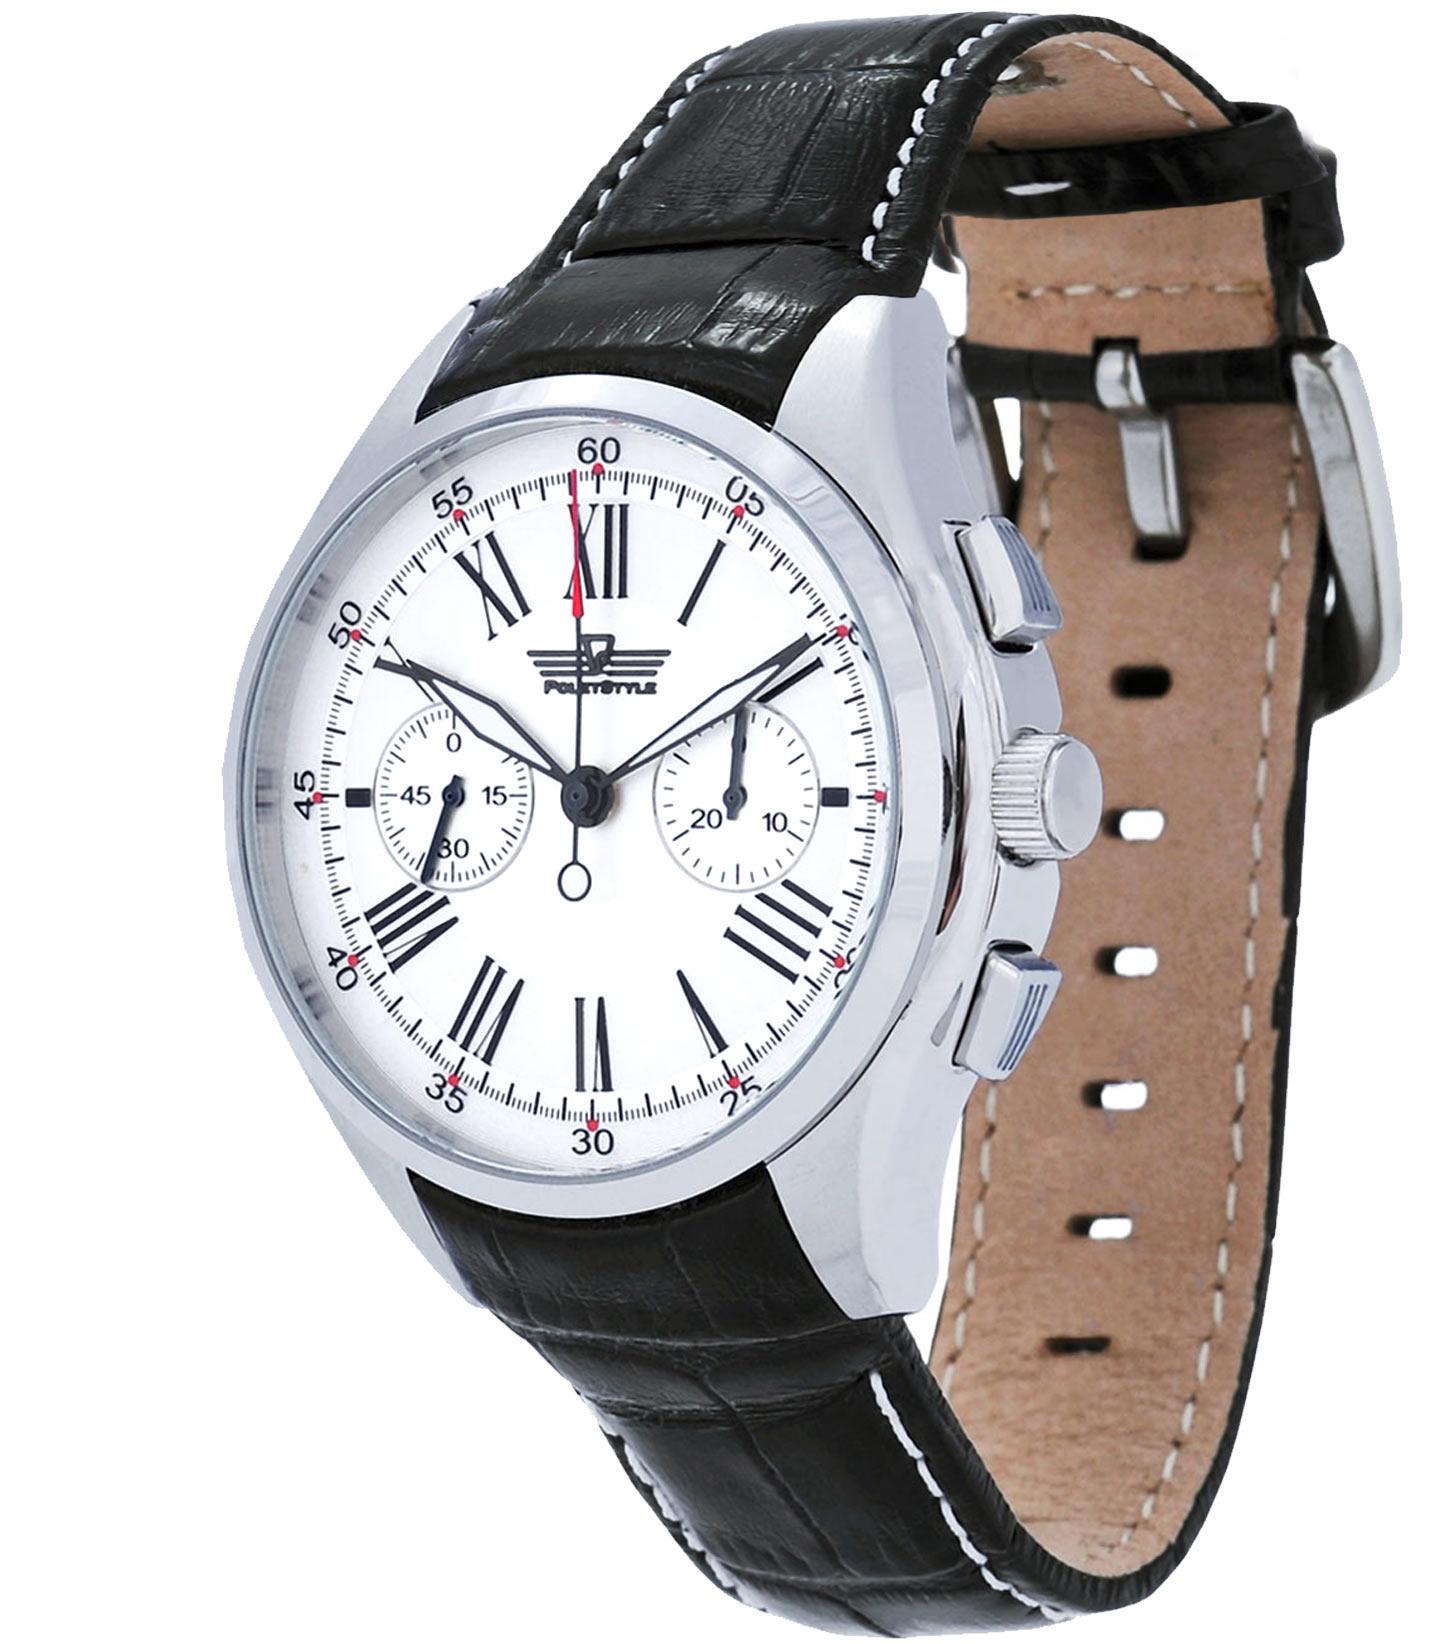 Наиболее известные марки часов первого московского часового завода: в данный момент хроны на базе часто вручаются в качестве подарочных часов от администрации президента.